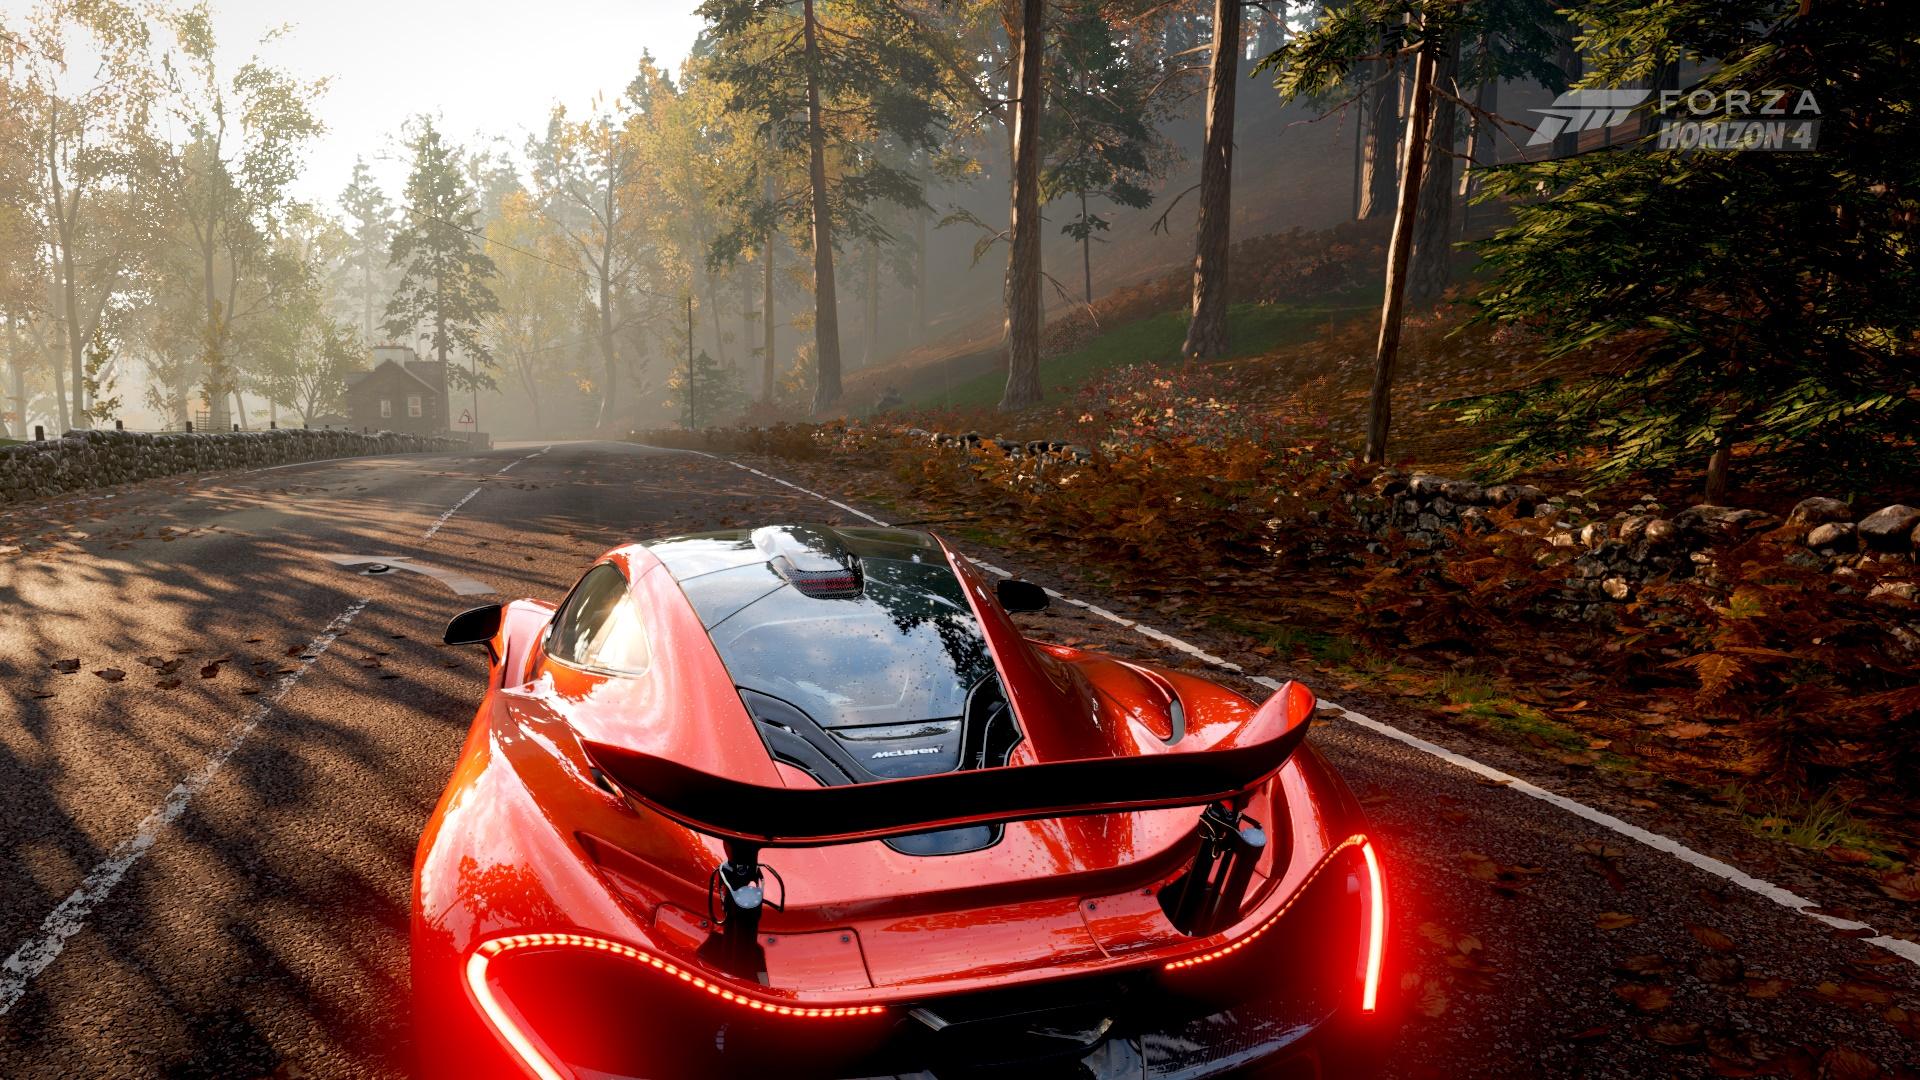 Осень4.jpg - Forza Horizon 4